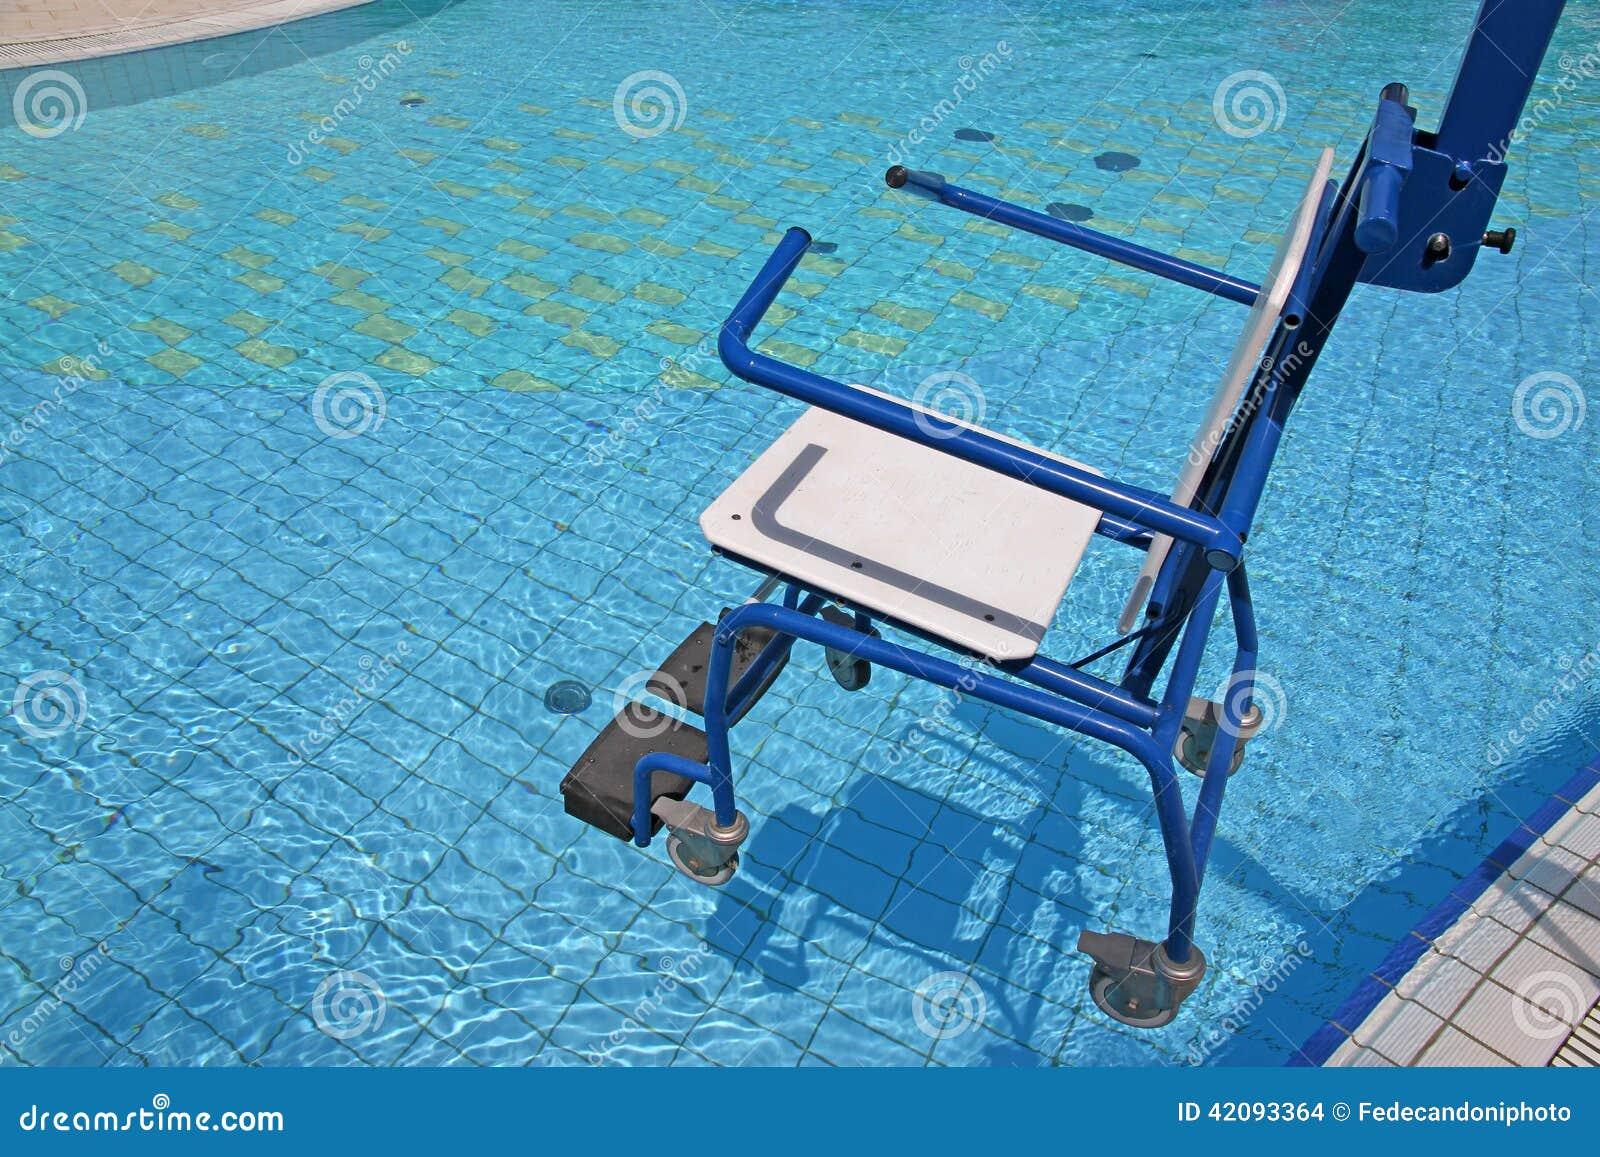 Fauteuil roulant pour l 39 handicap dans la piscine photo for Piscine pour handicape moteur